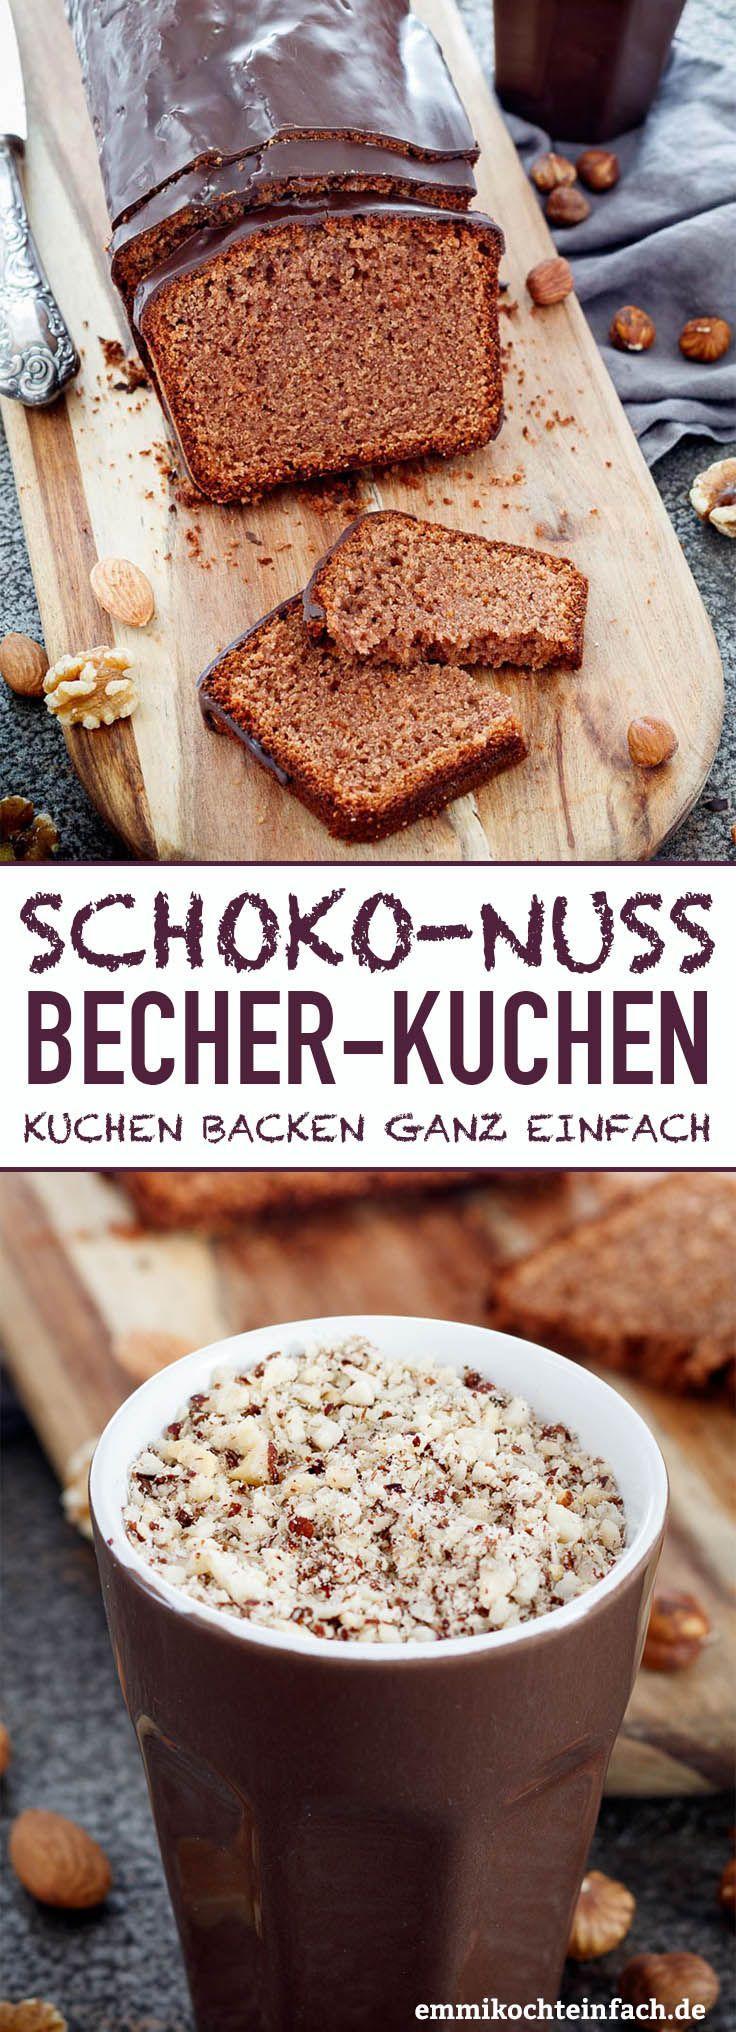 Schokoladen Nuss Cupcake – www.emmikochtinf …   – emmikochteinfach – Der Food-Blog mit einfachen Rezepten, die gelingen